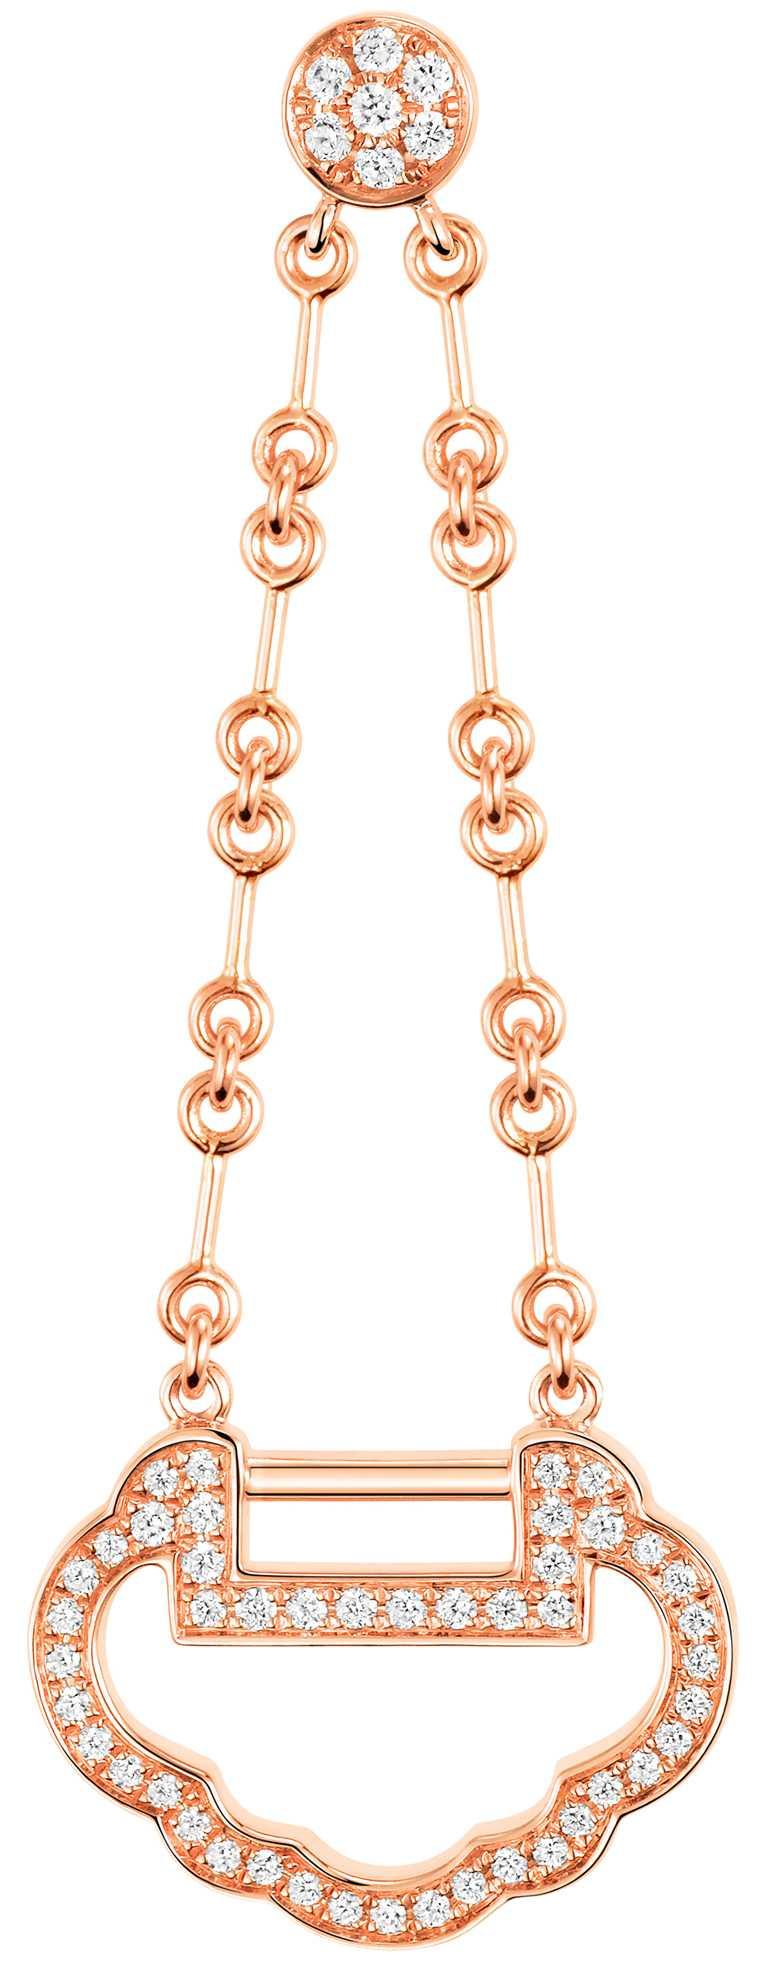 Qeelin「Yu Yi」系列玫瑰金鑽石耳環╱87,500元(單只)。(圖╱Qeelin提供)